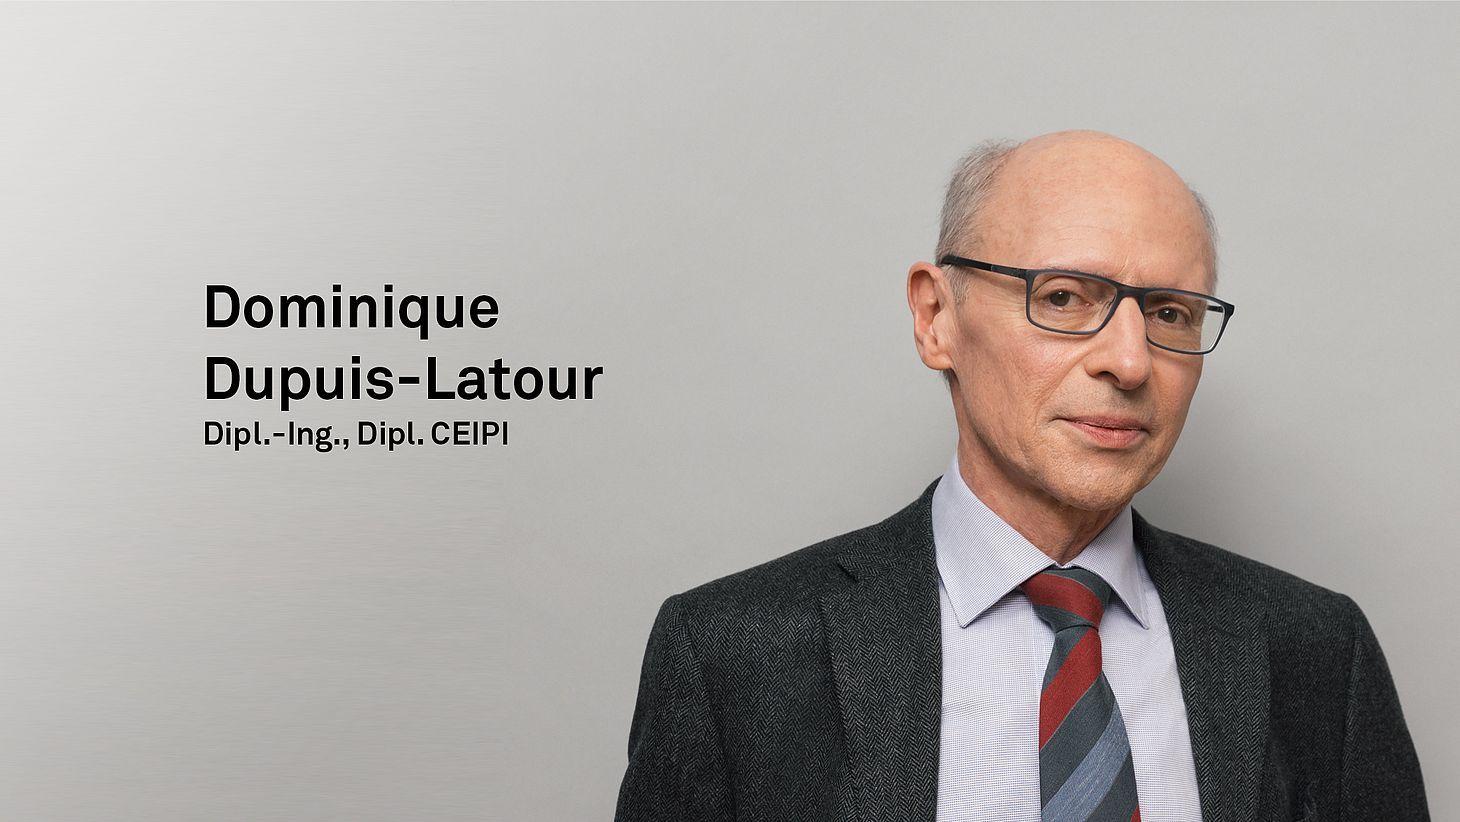 Dipl. -Ing., Dipl. CEIPI Dominique Dupuis-Latour